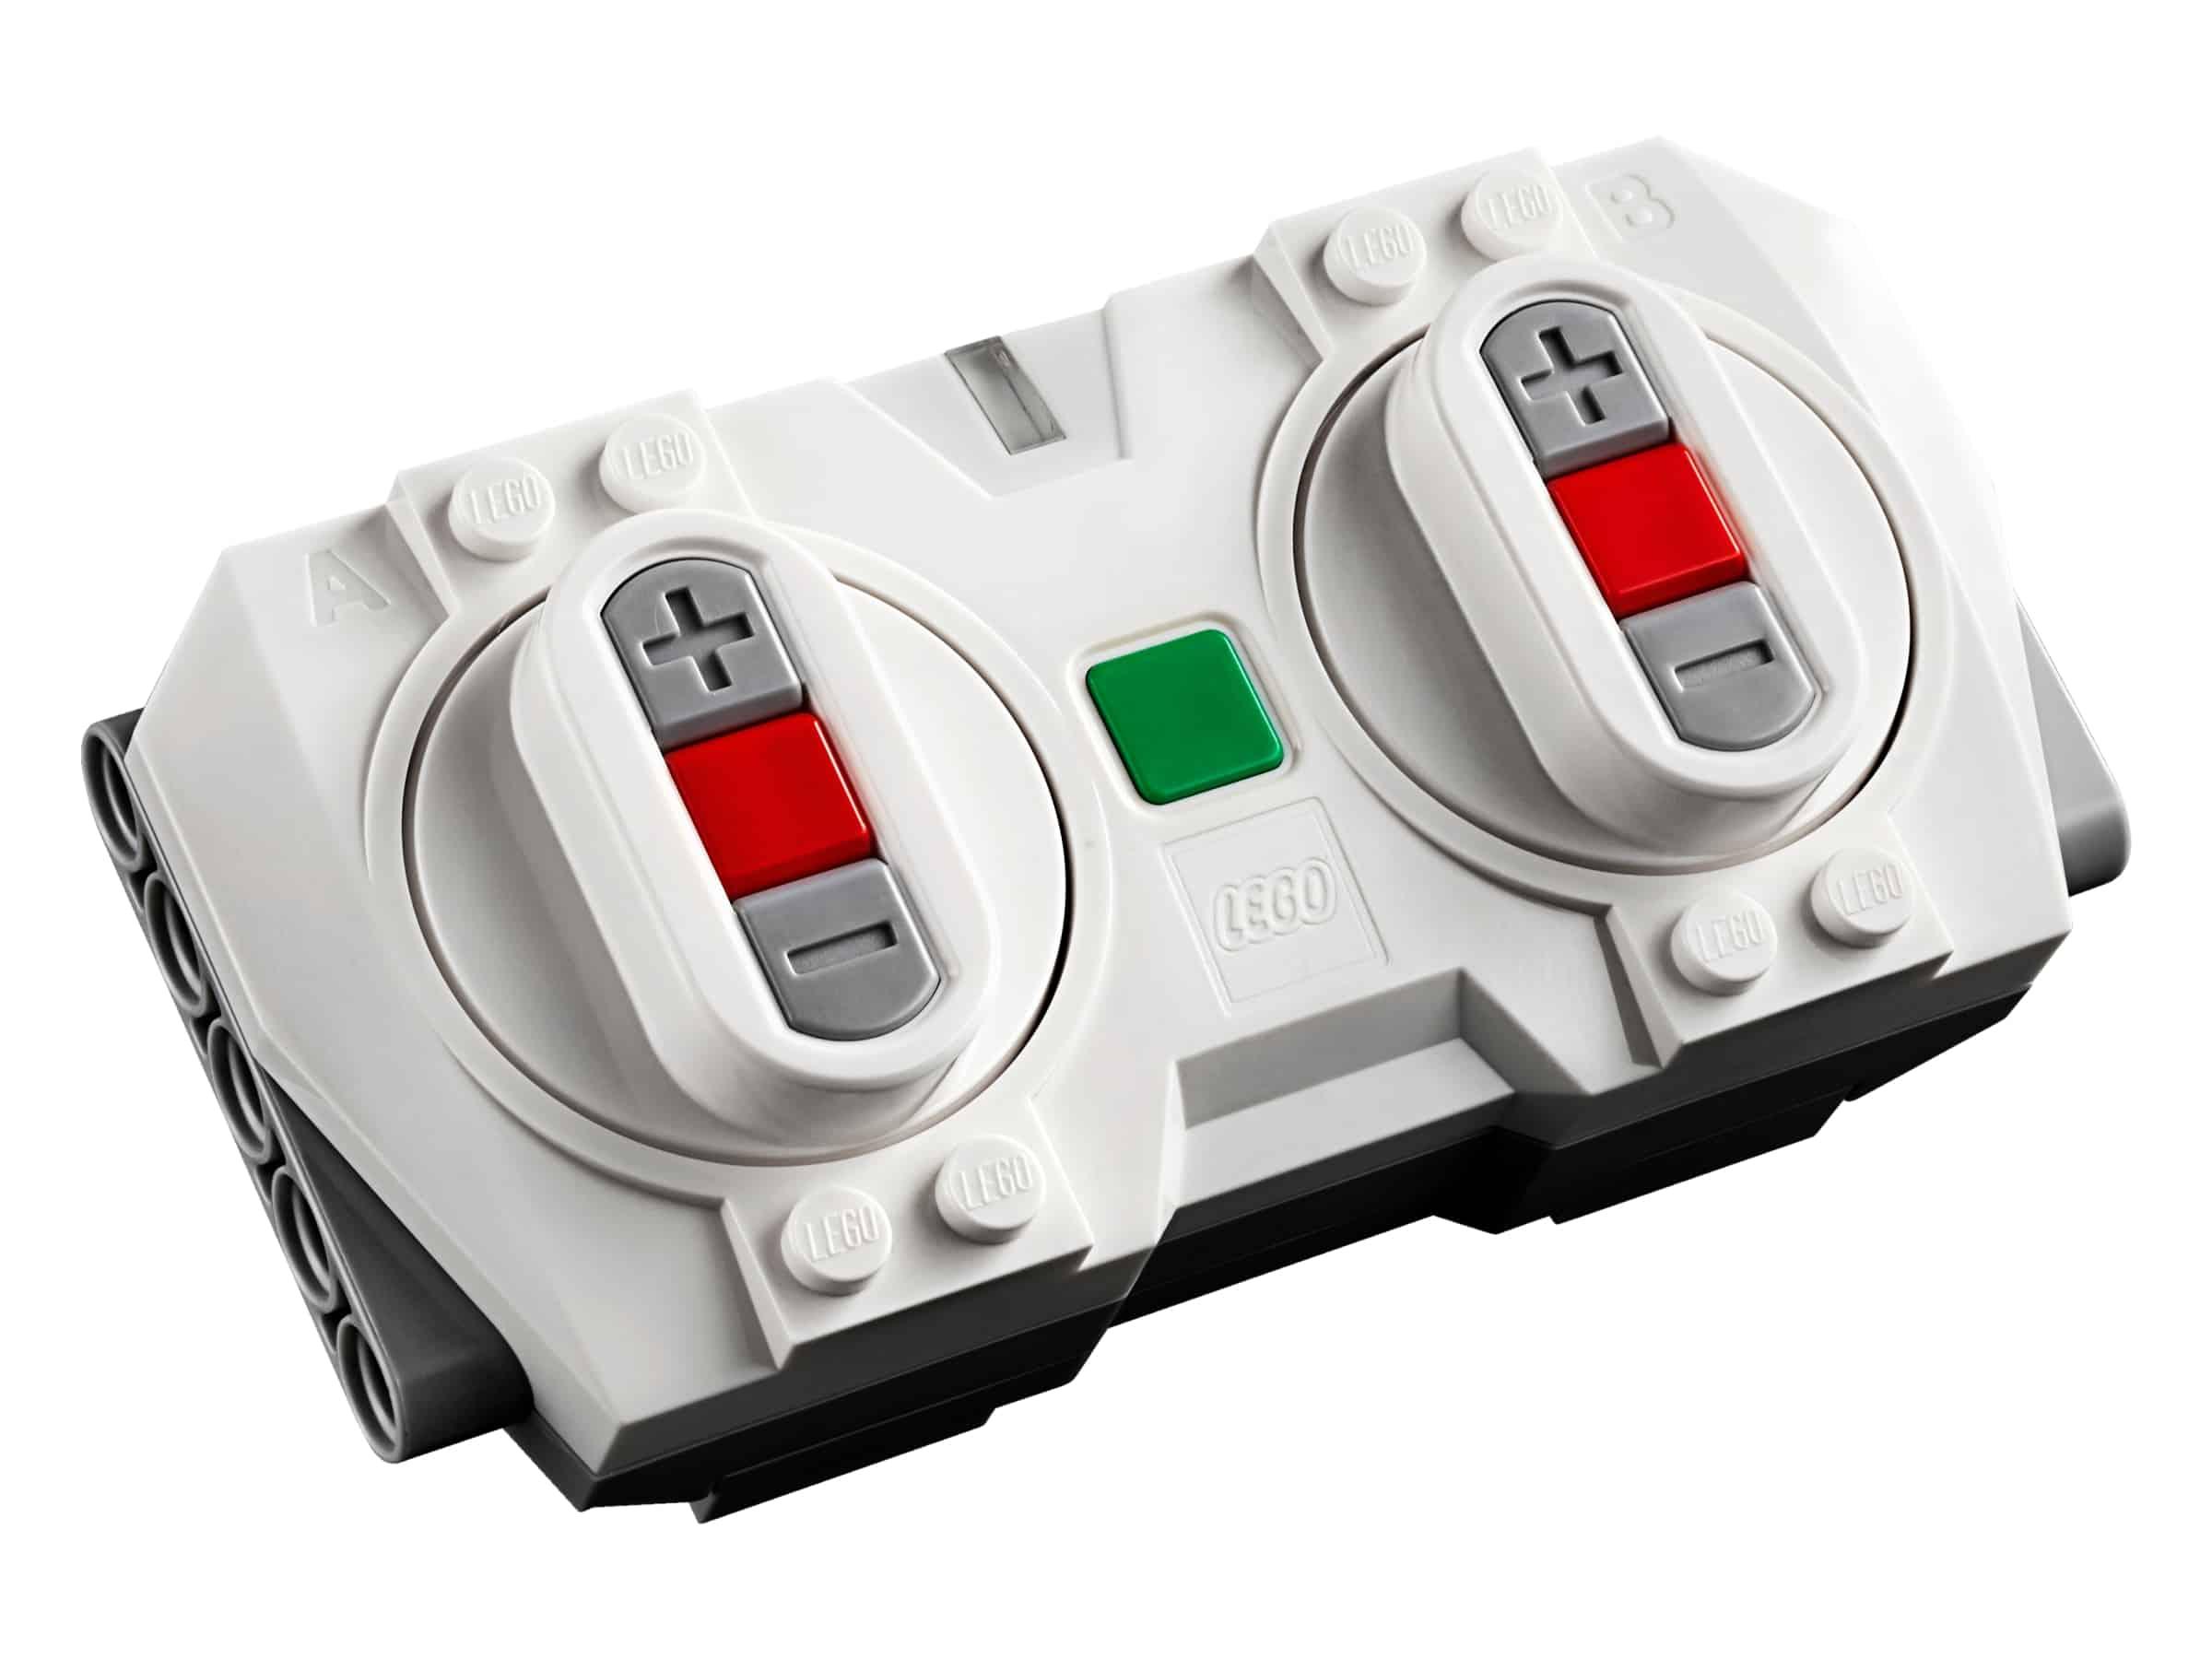 lego afstandsbediening 88010